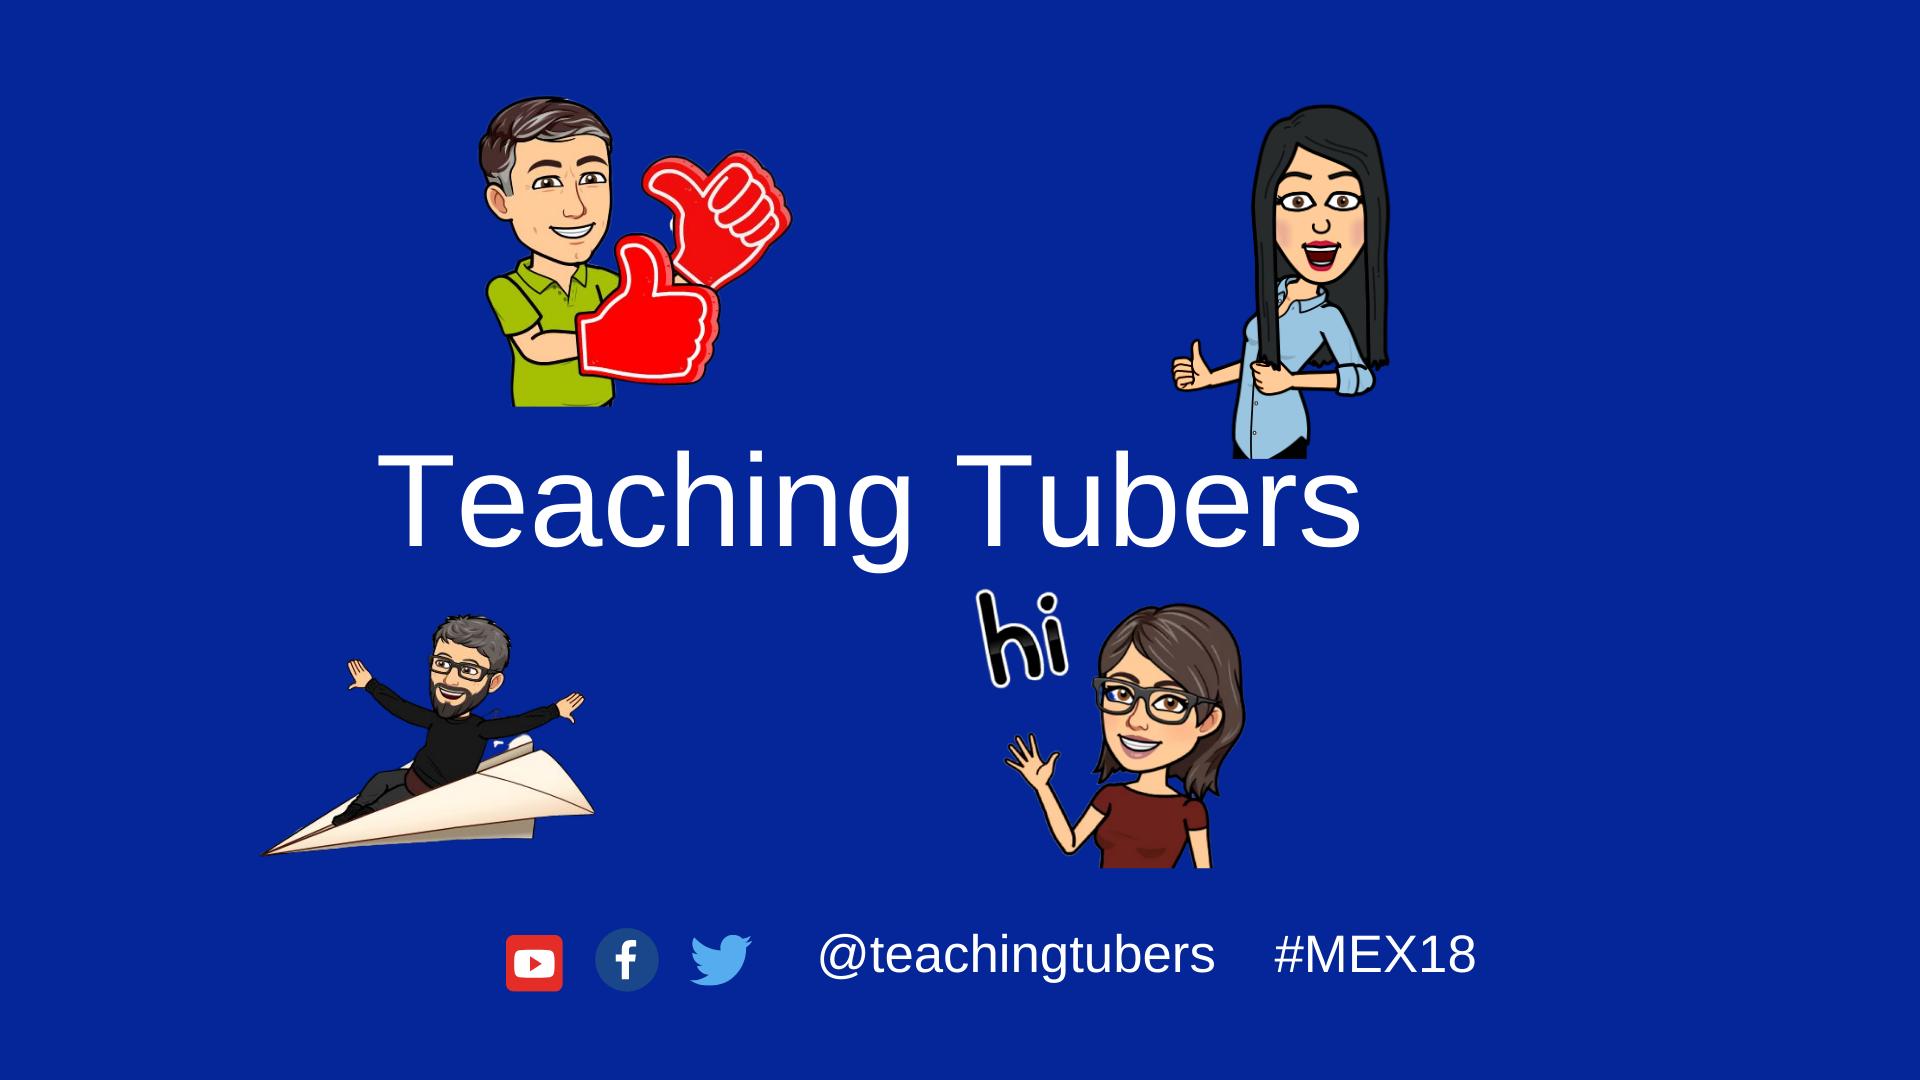 Teaching Tubers